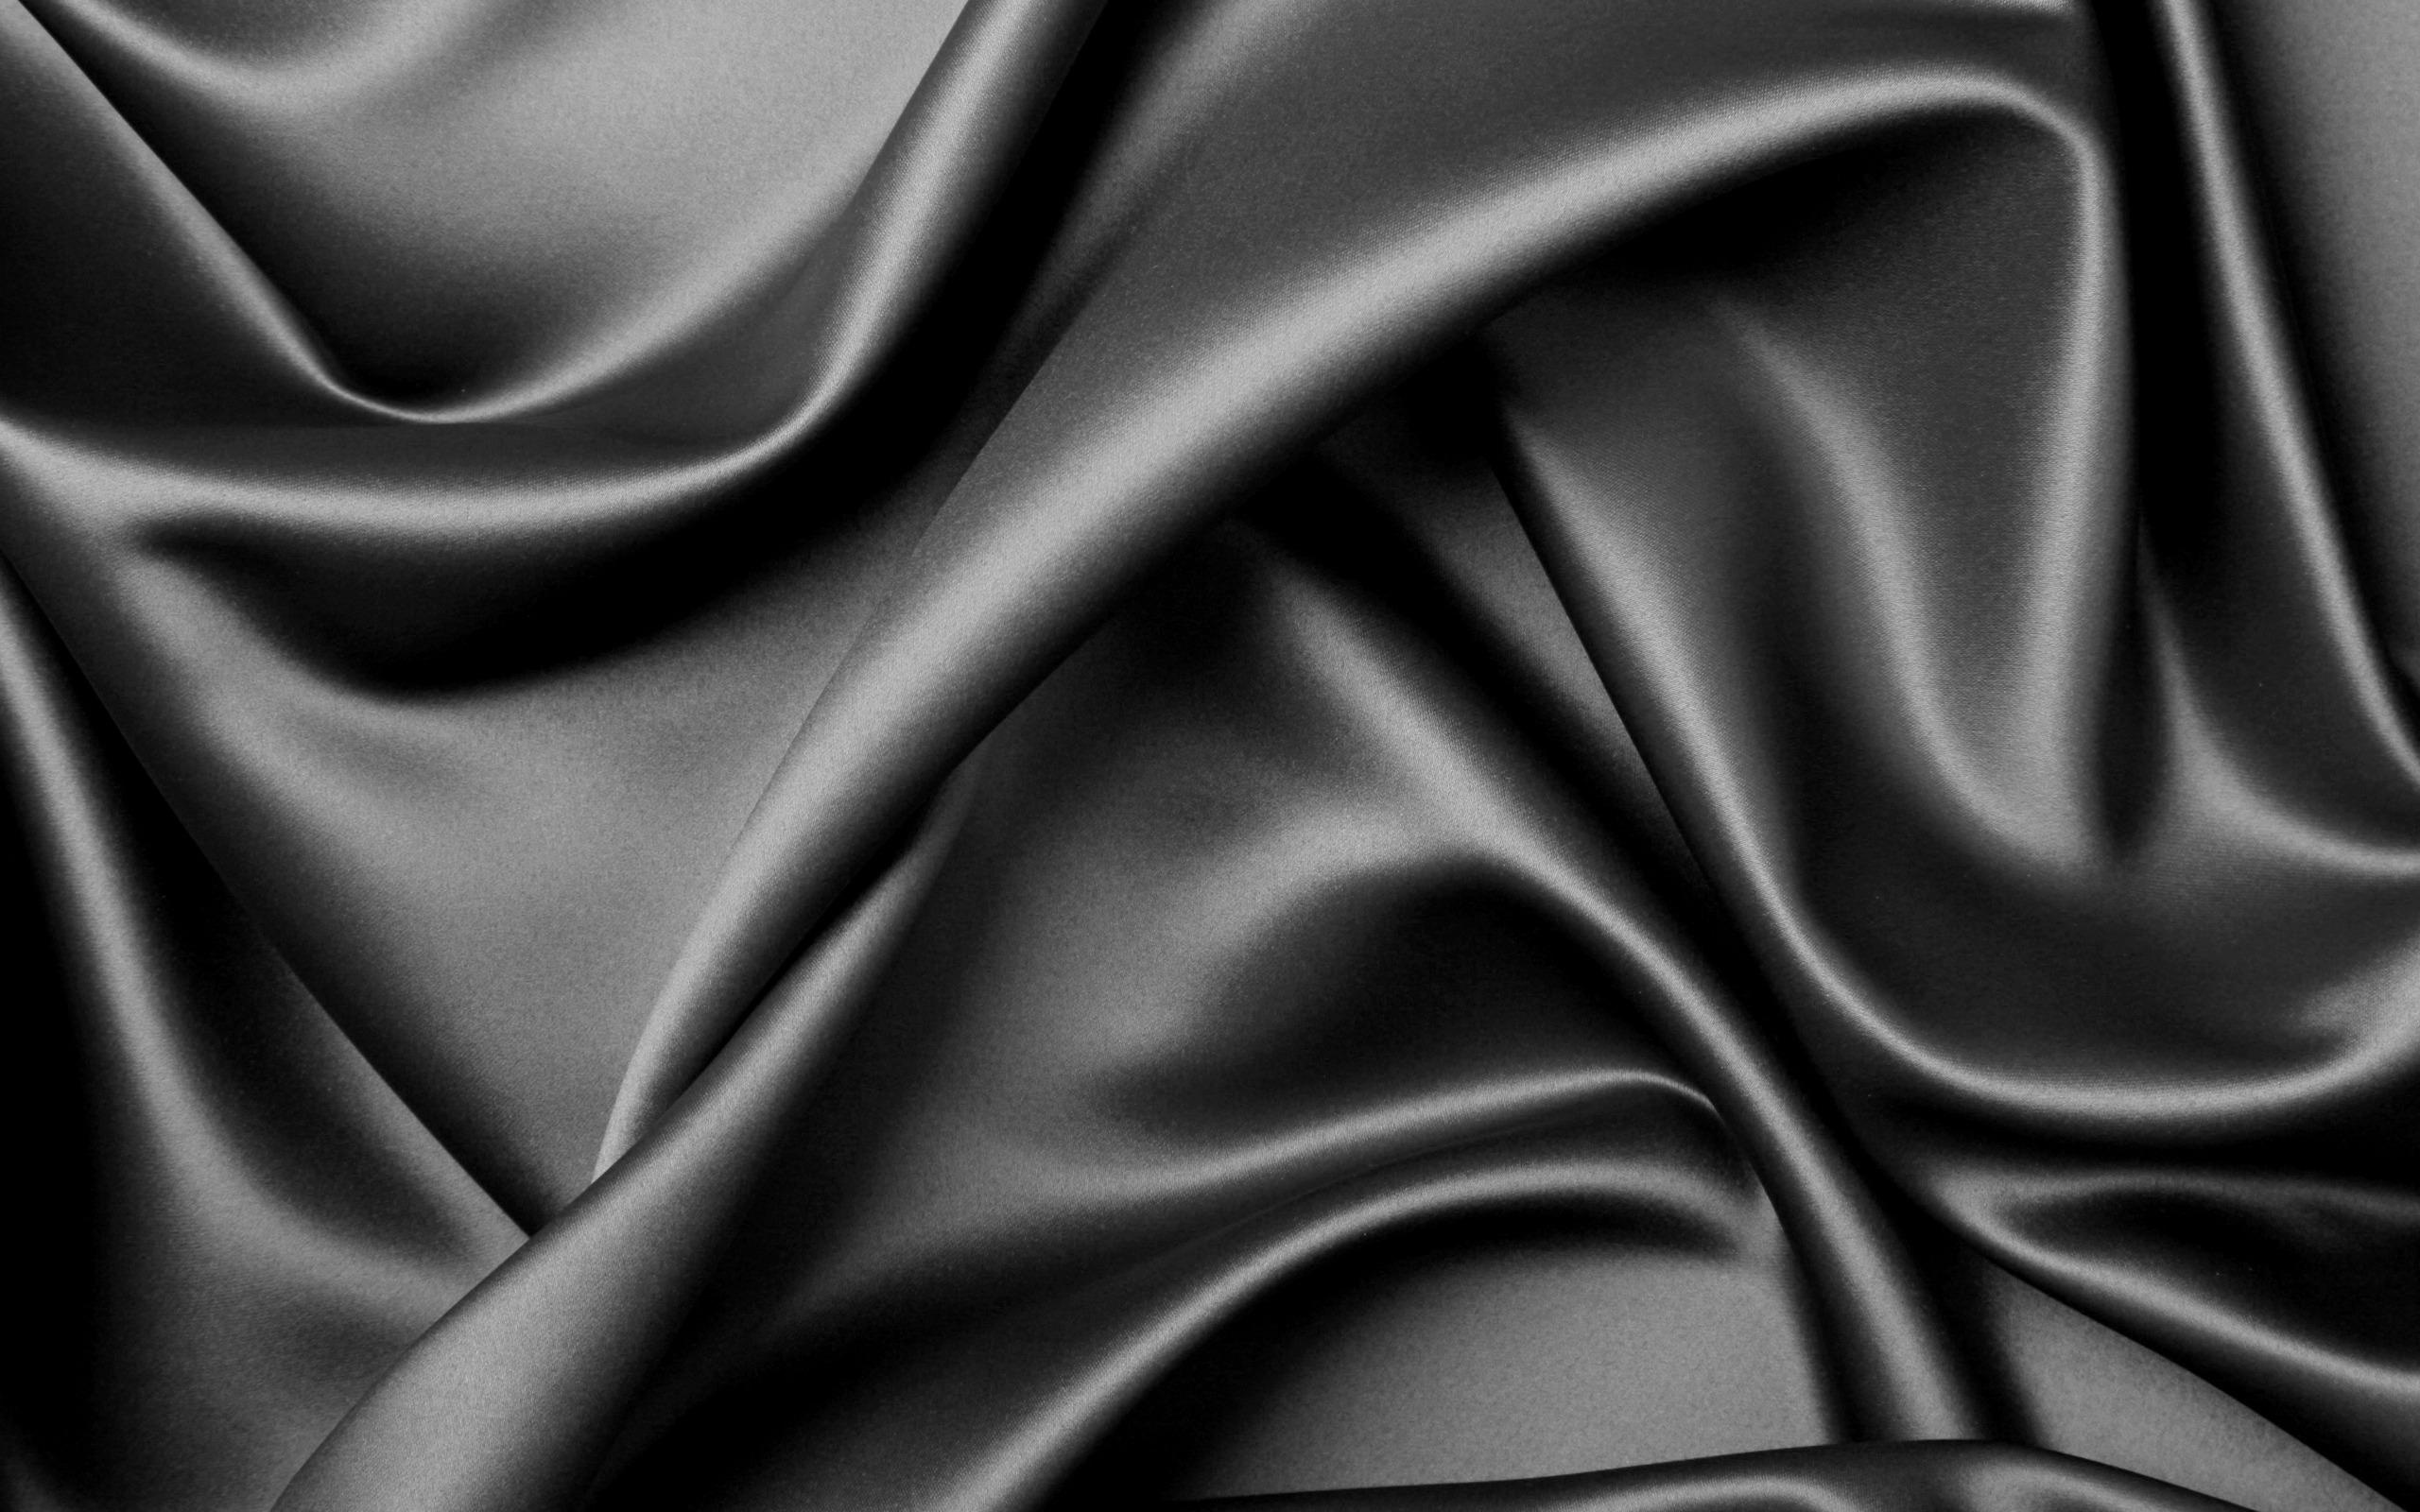 Cool Silk Wallpaper